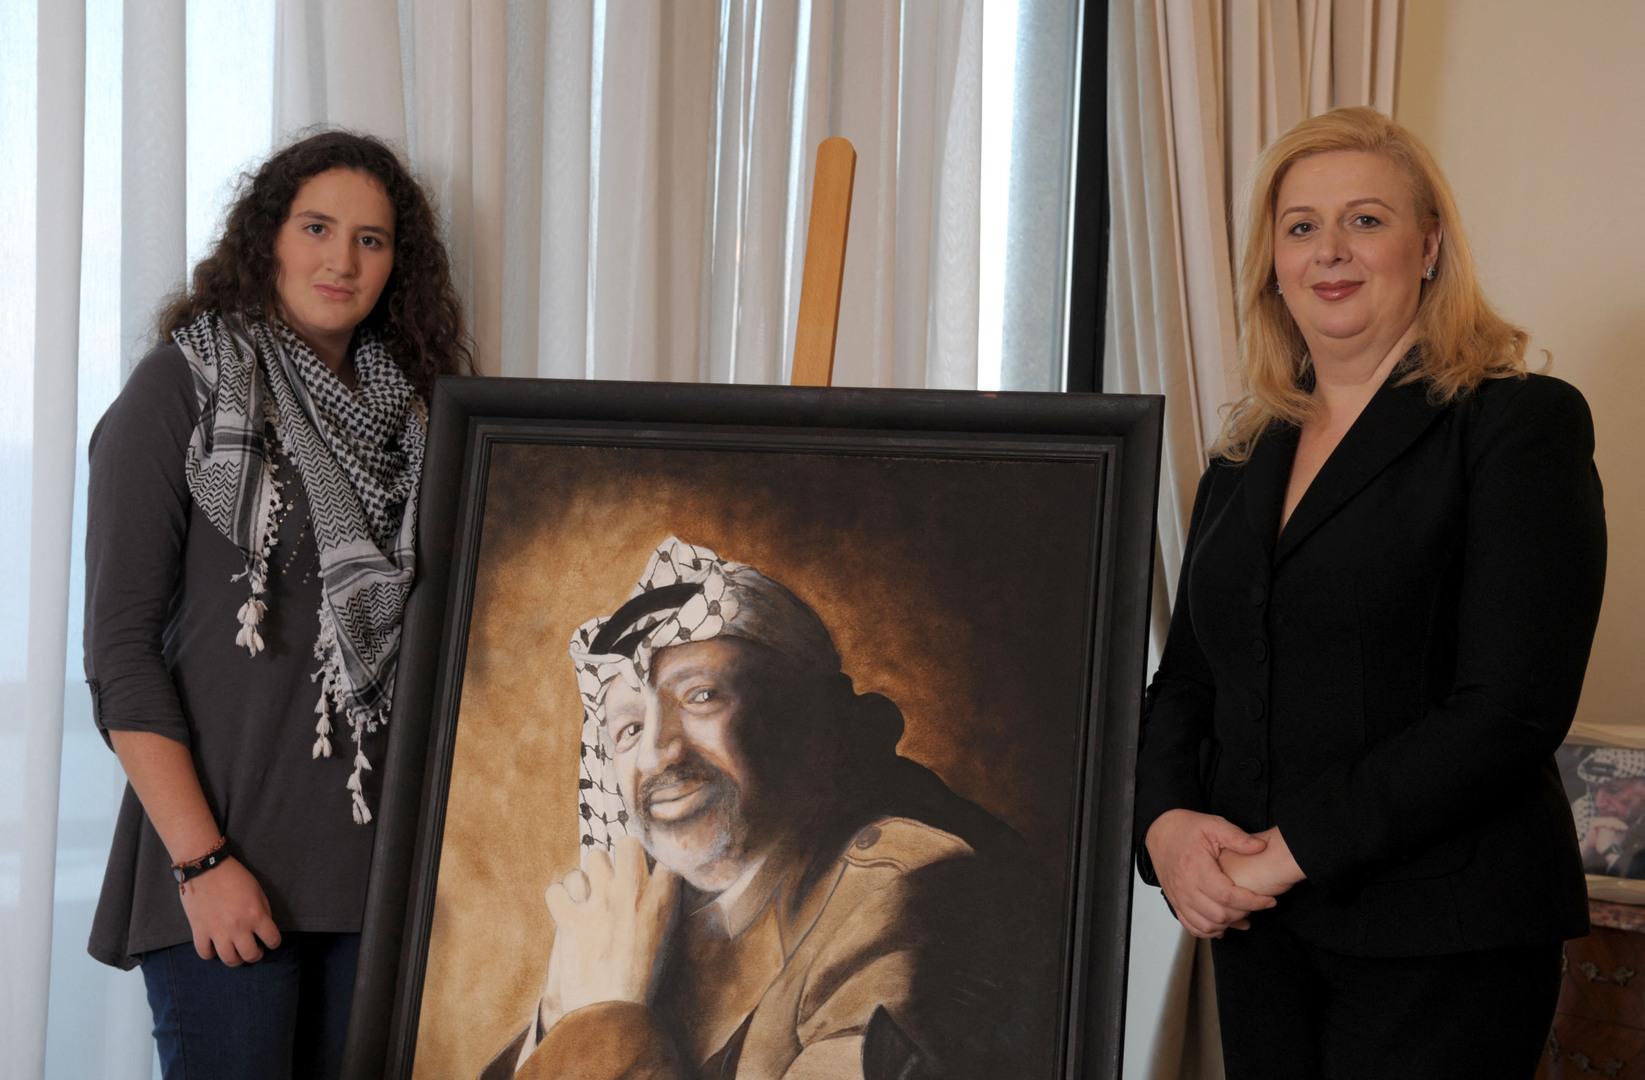 المحكمة الأوروبية لحقوق الإنسان ترفض طلب أرملة عرفات وابنته التحقيق في وفاته